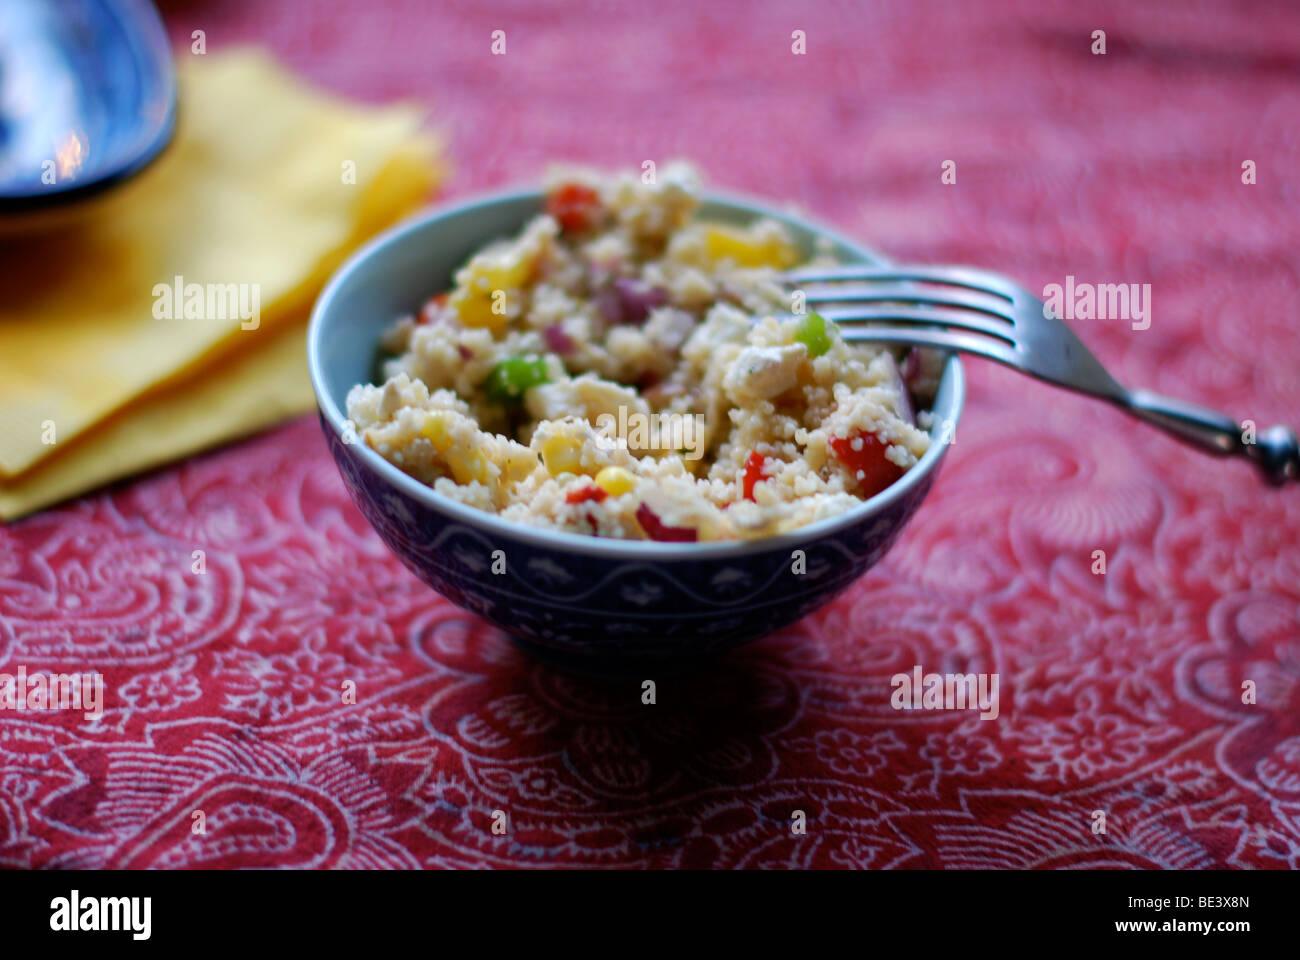 Couscous en bol bleu sur rouge tapis de table Photo Stock